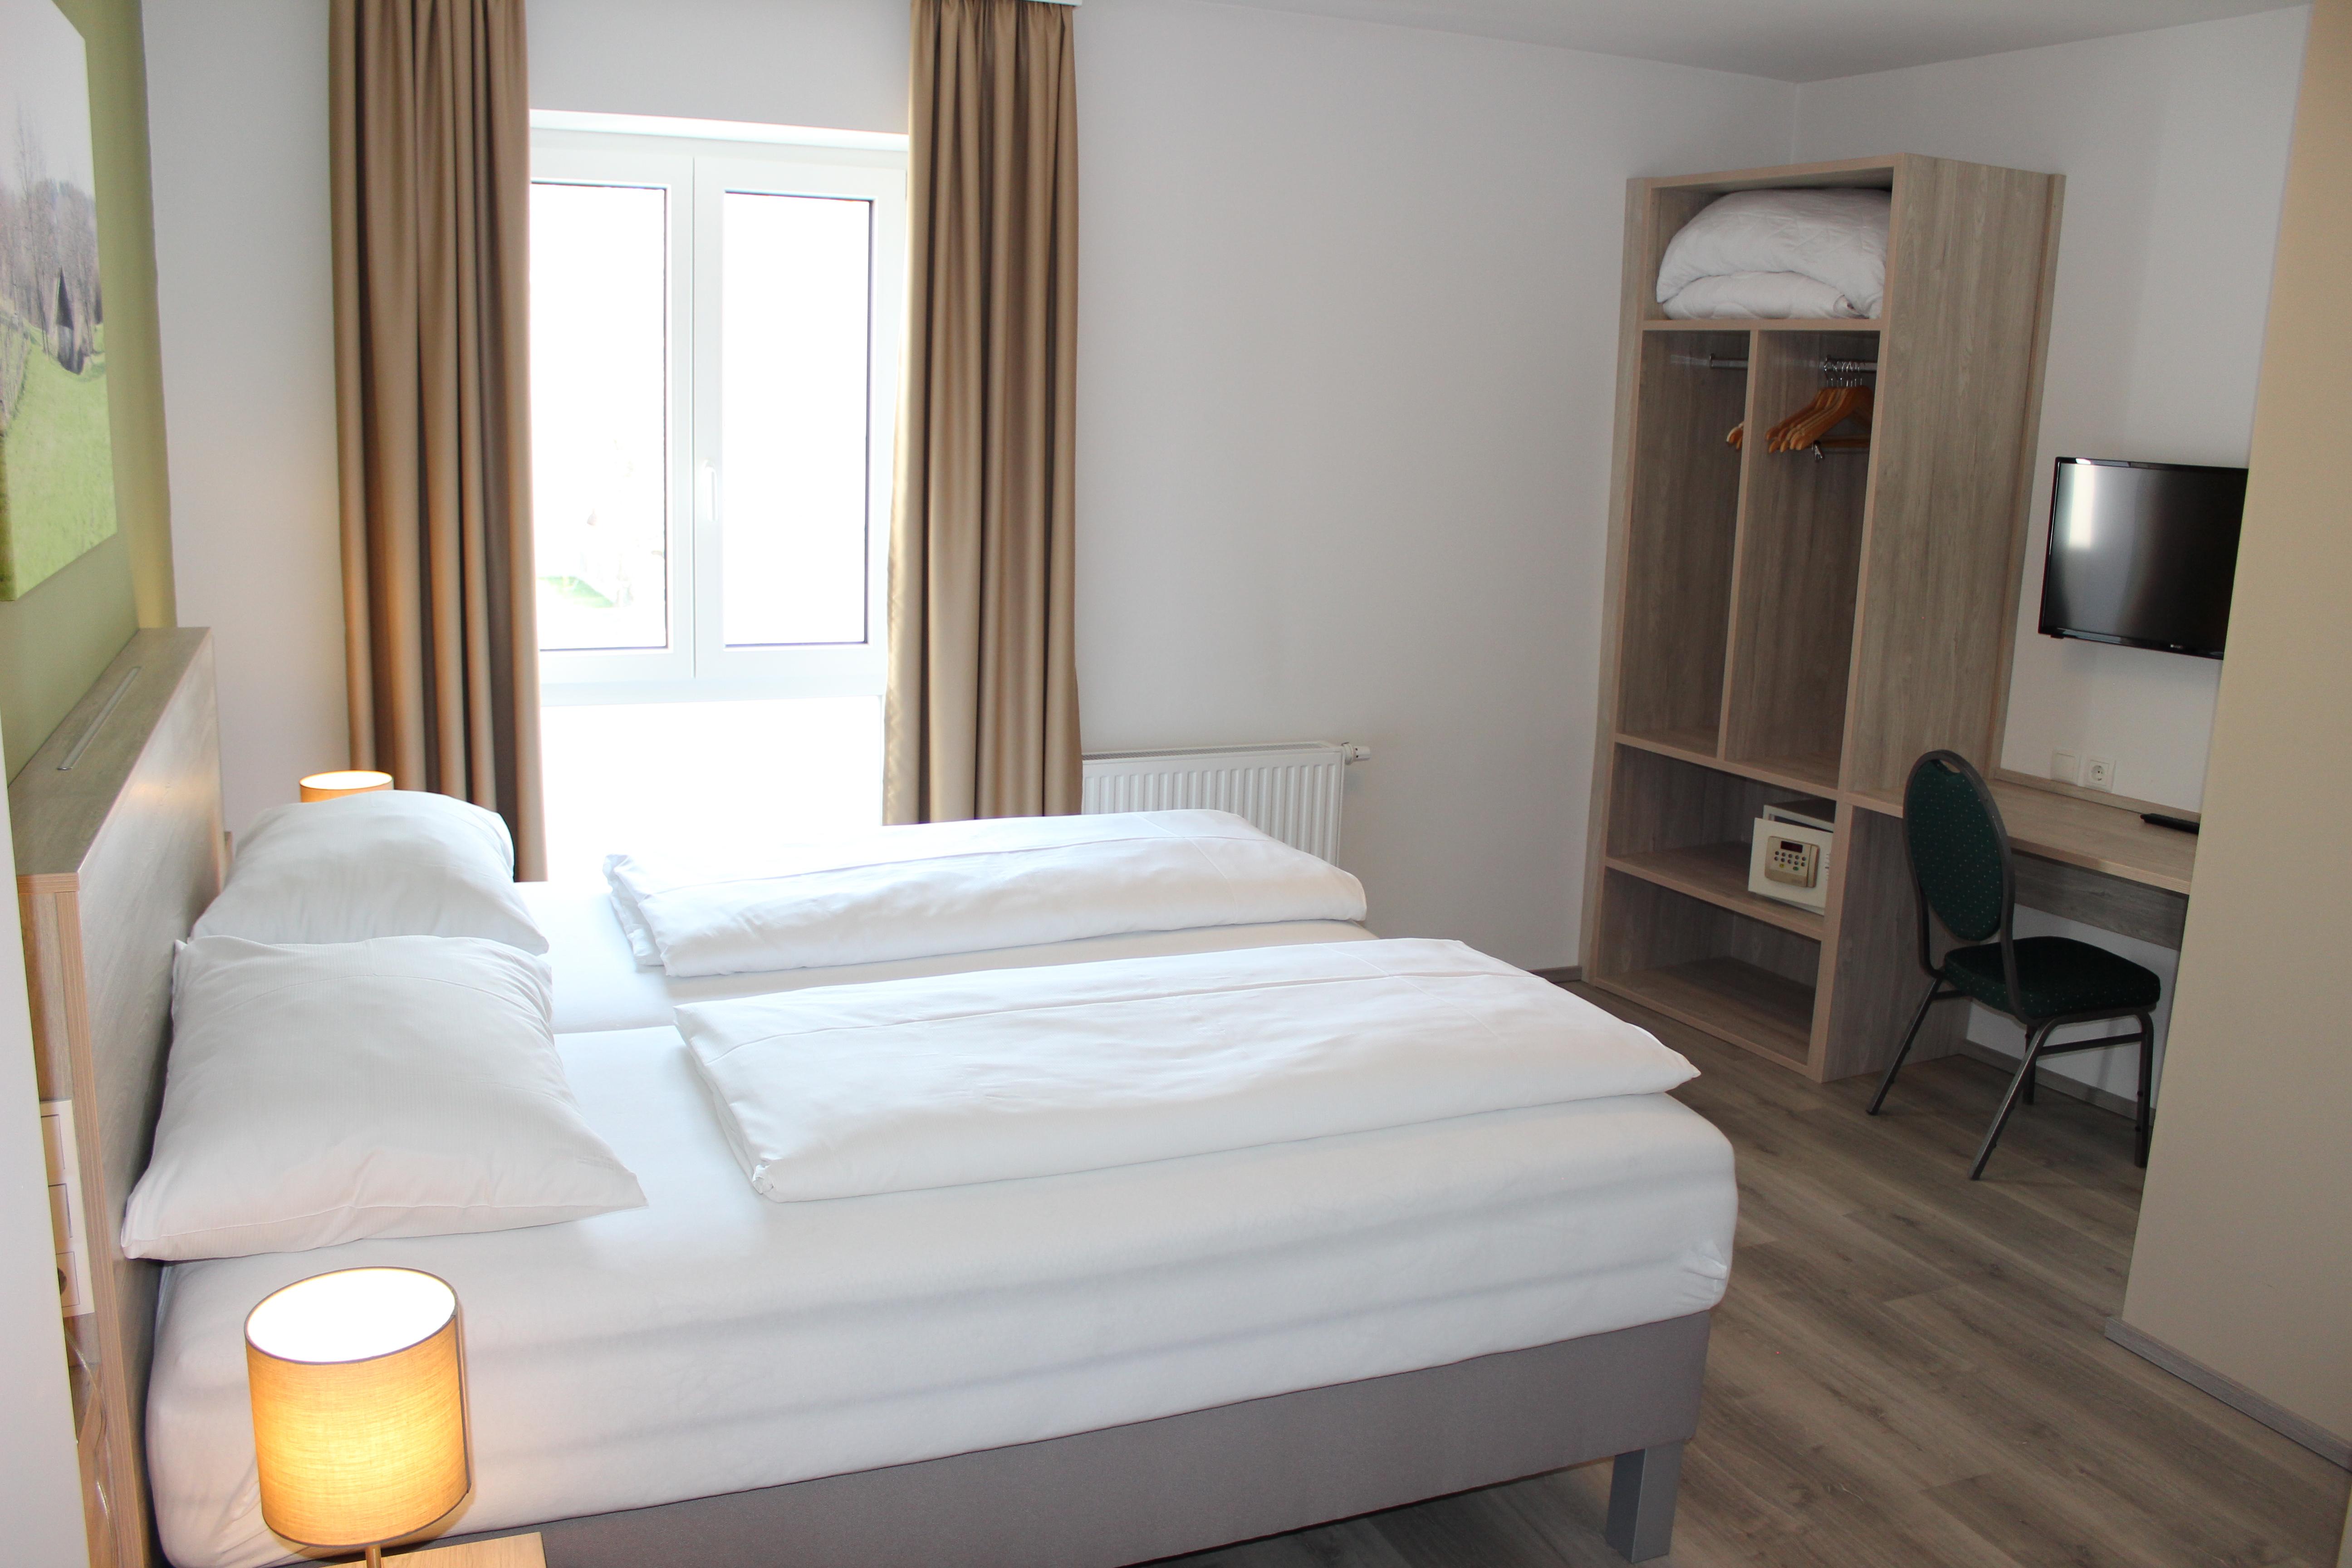 Doppelbett, Flachbildfernseher, Schreibtisch und Kleiderkasten